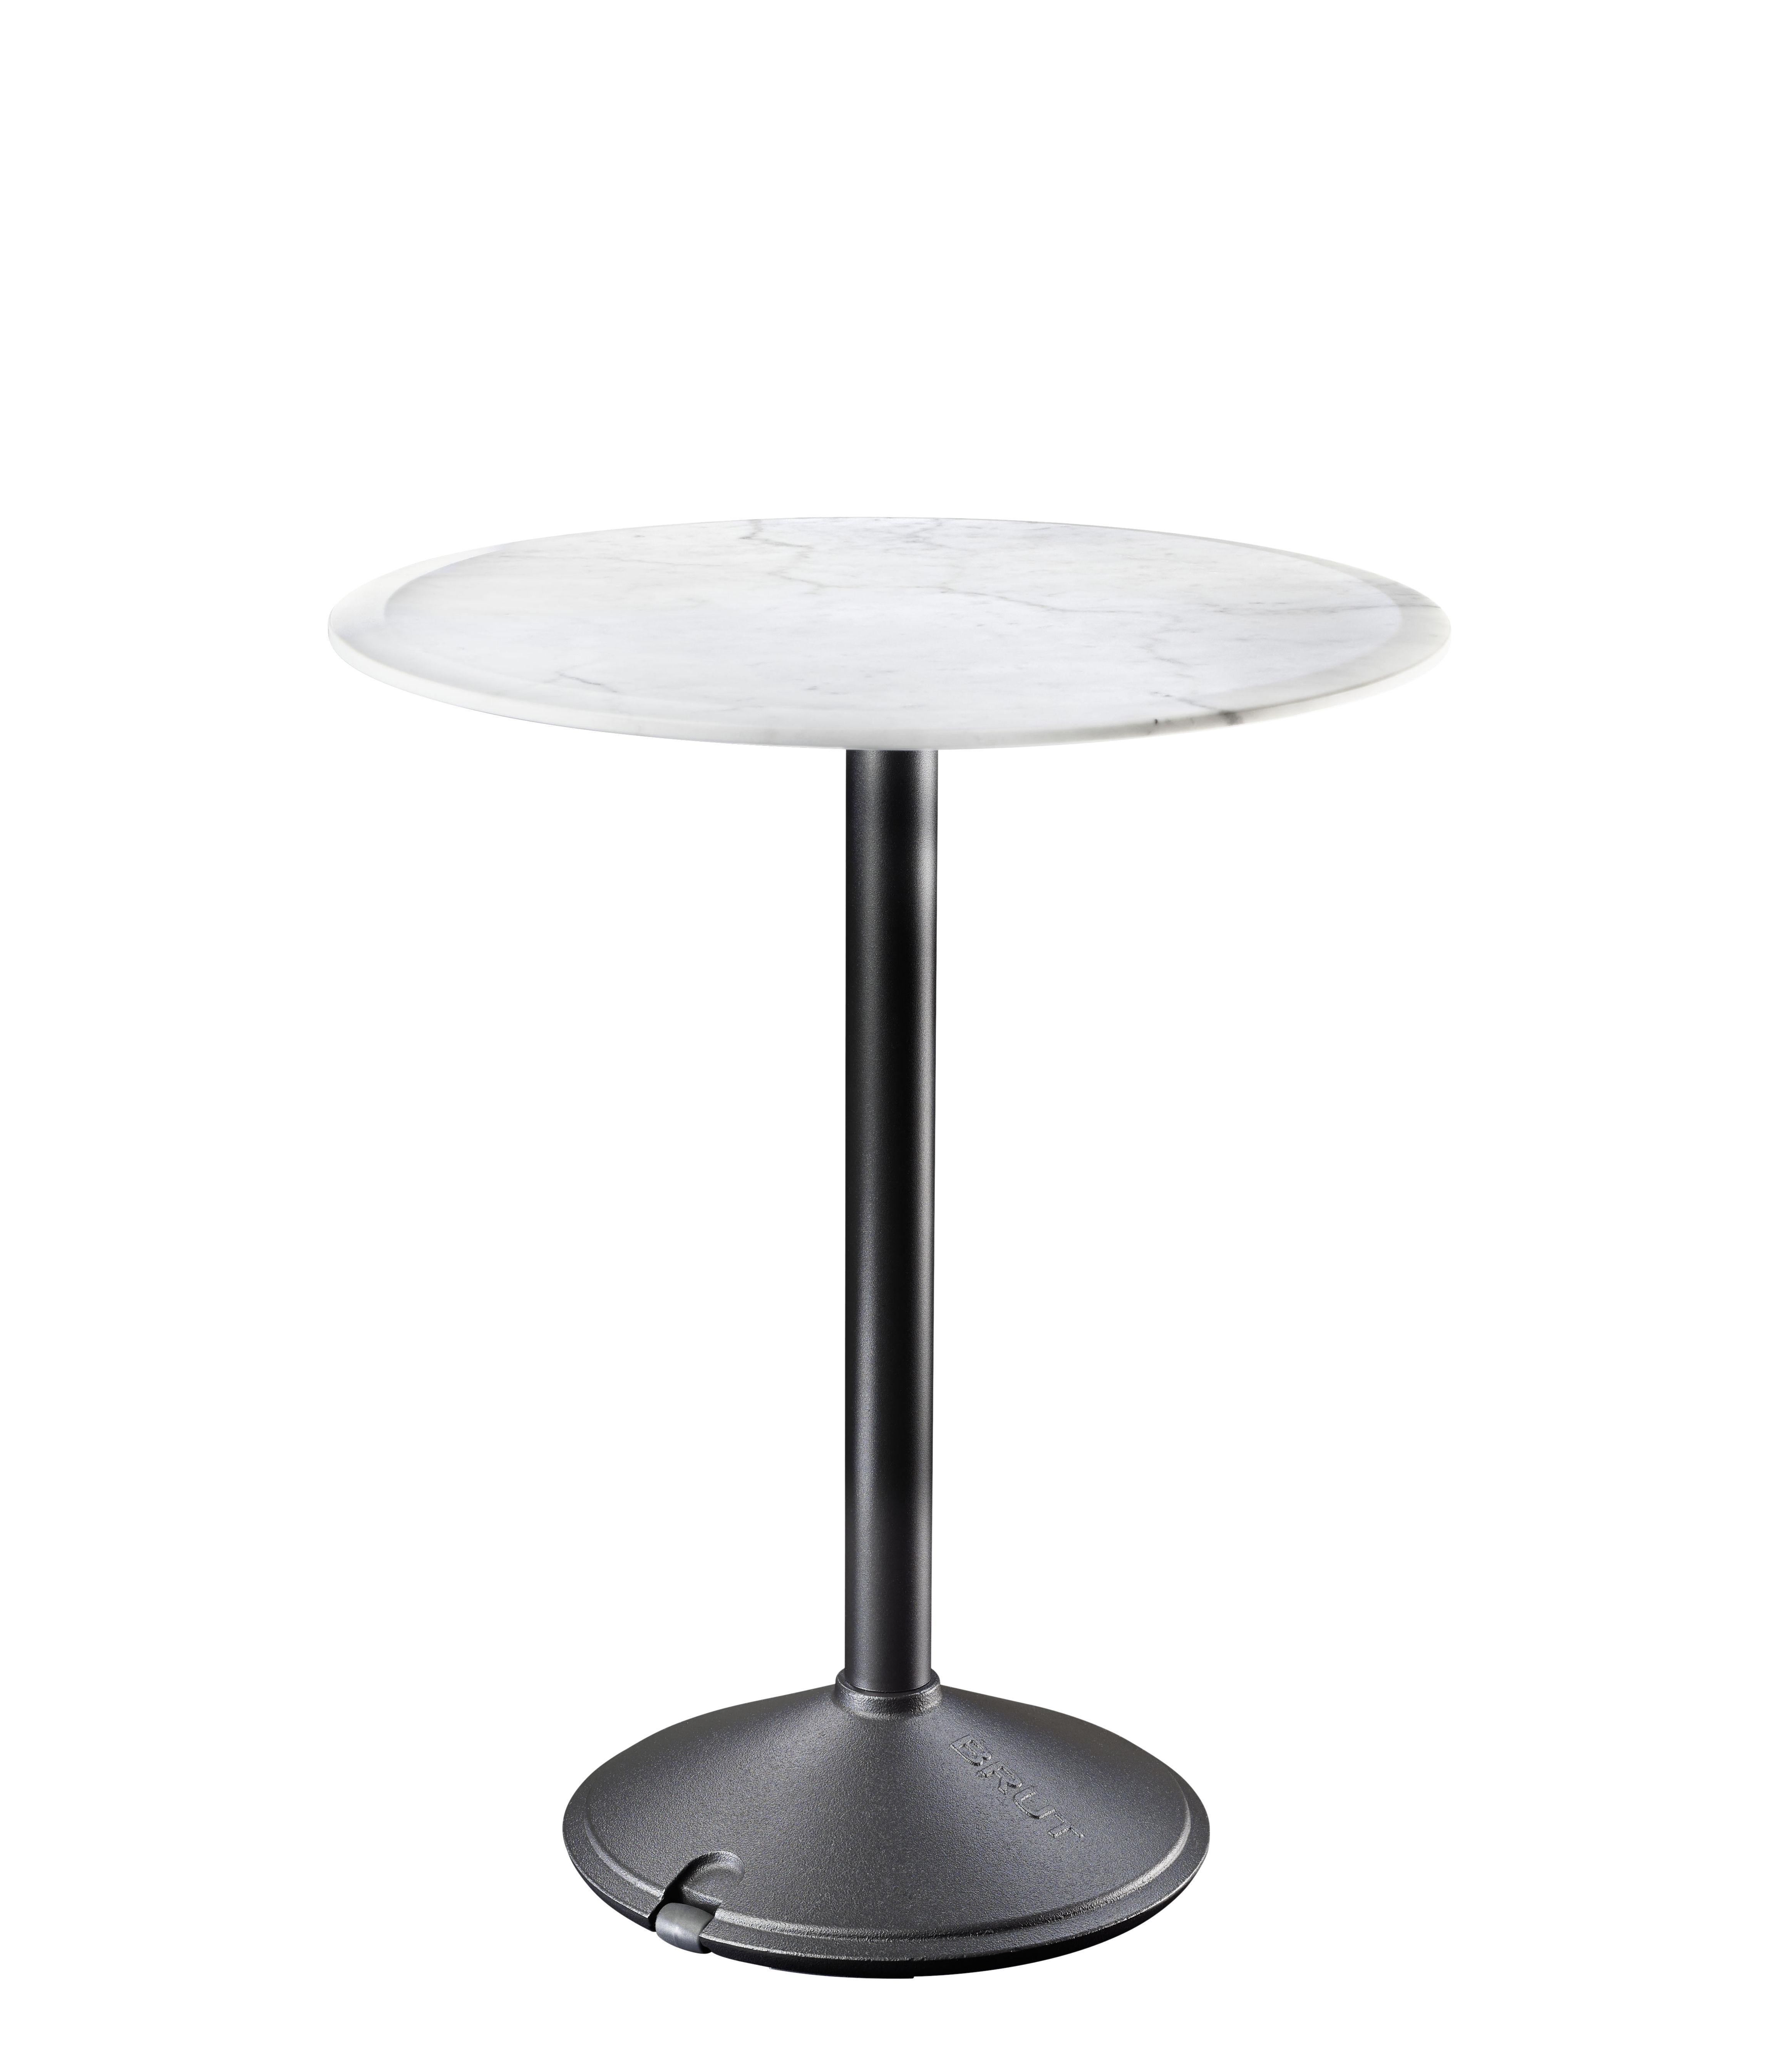 Table ronde Brut Magis - Marbre blanc / Piètement noir - h 74 x Ø 60 ...